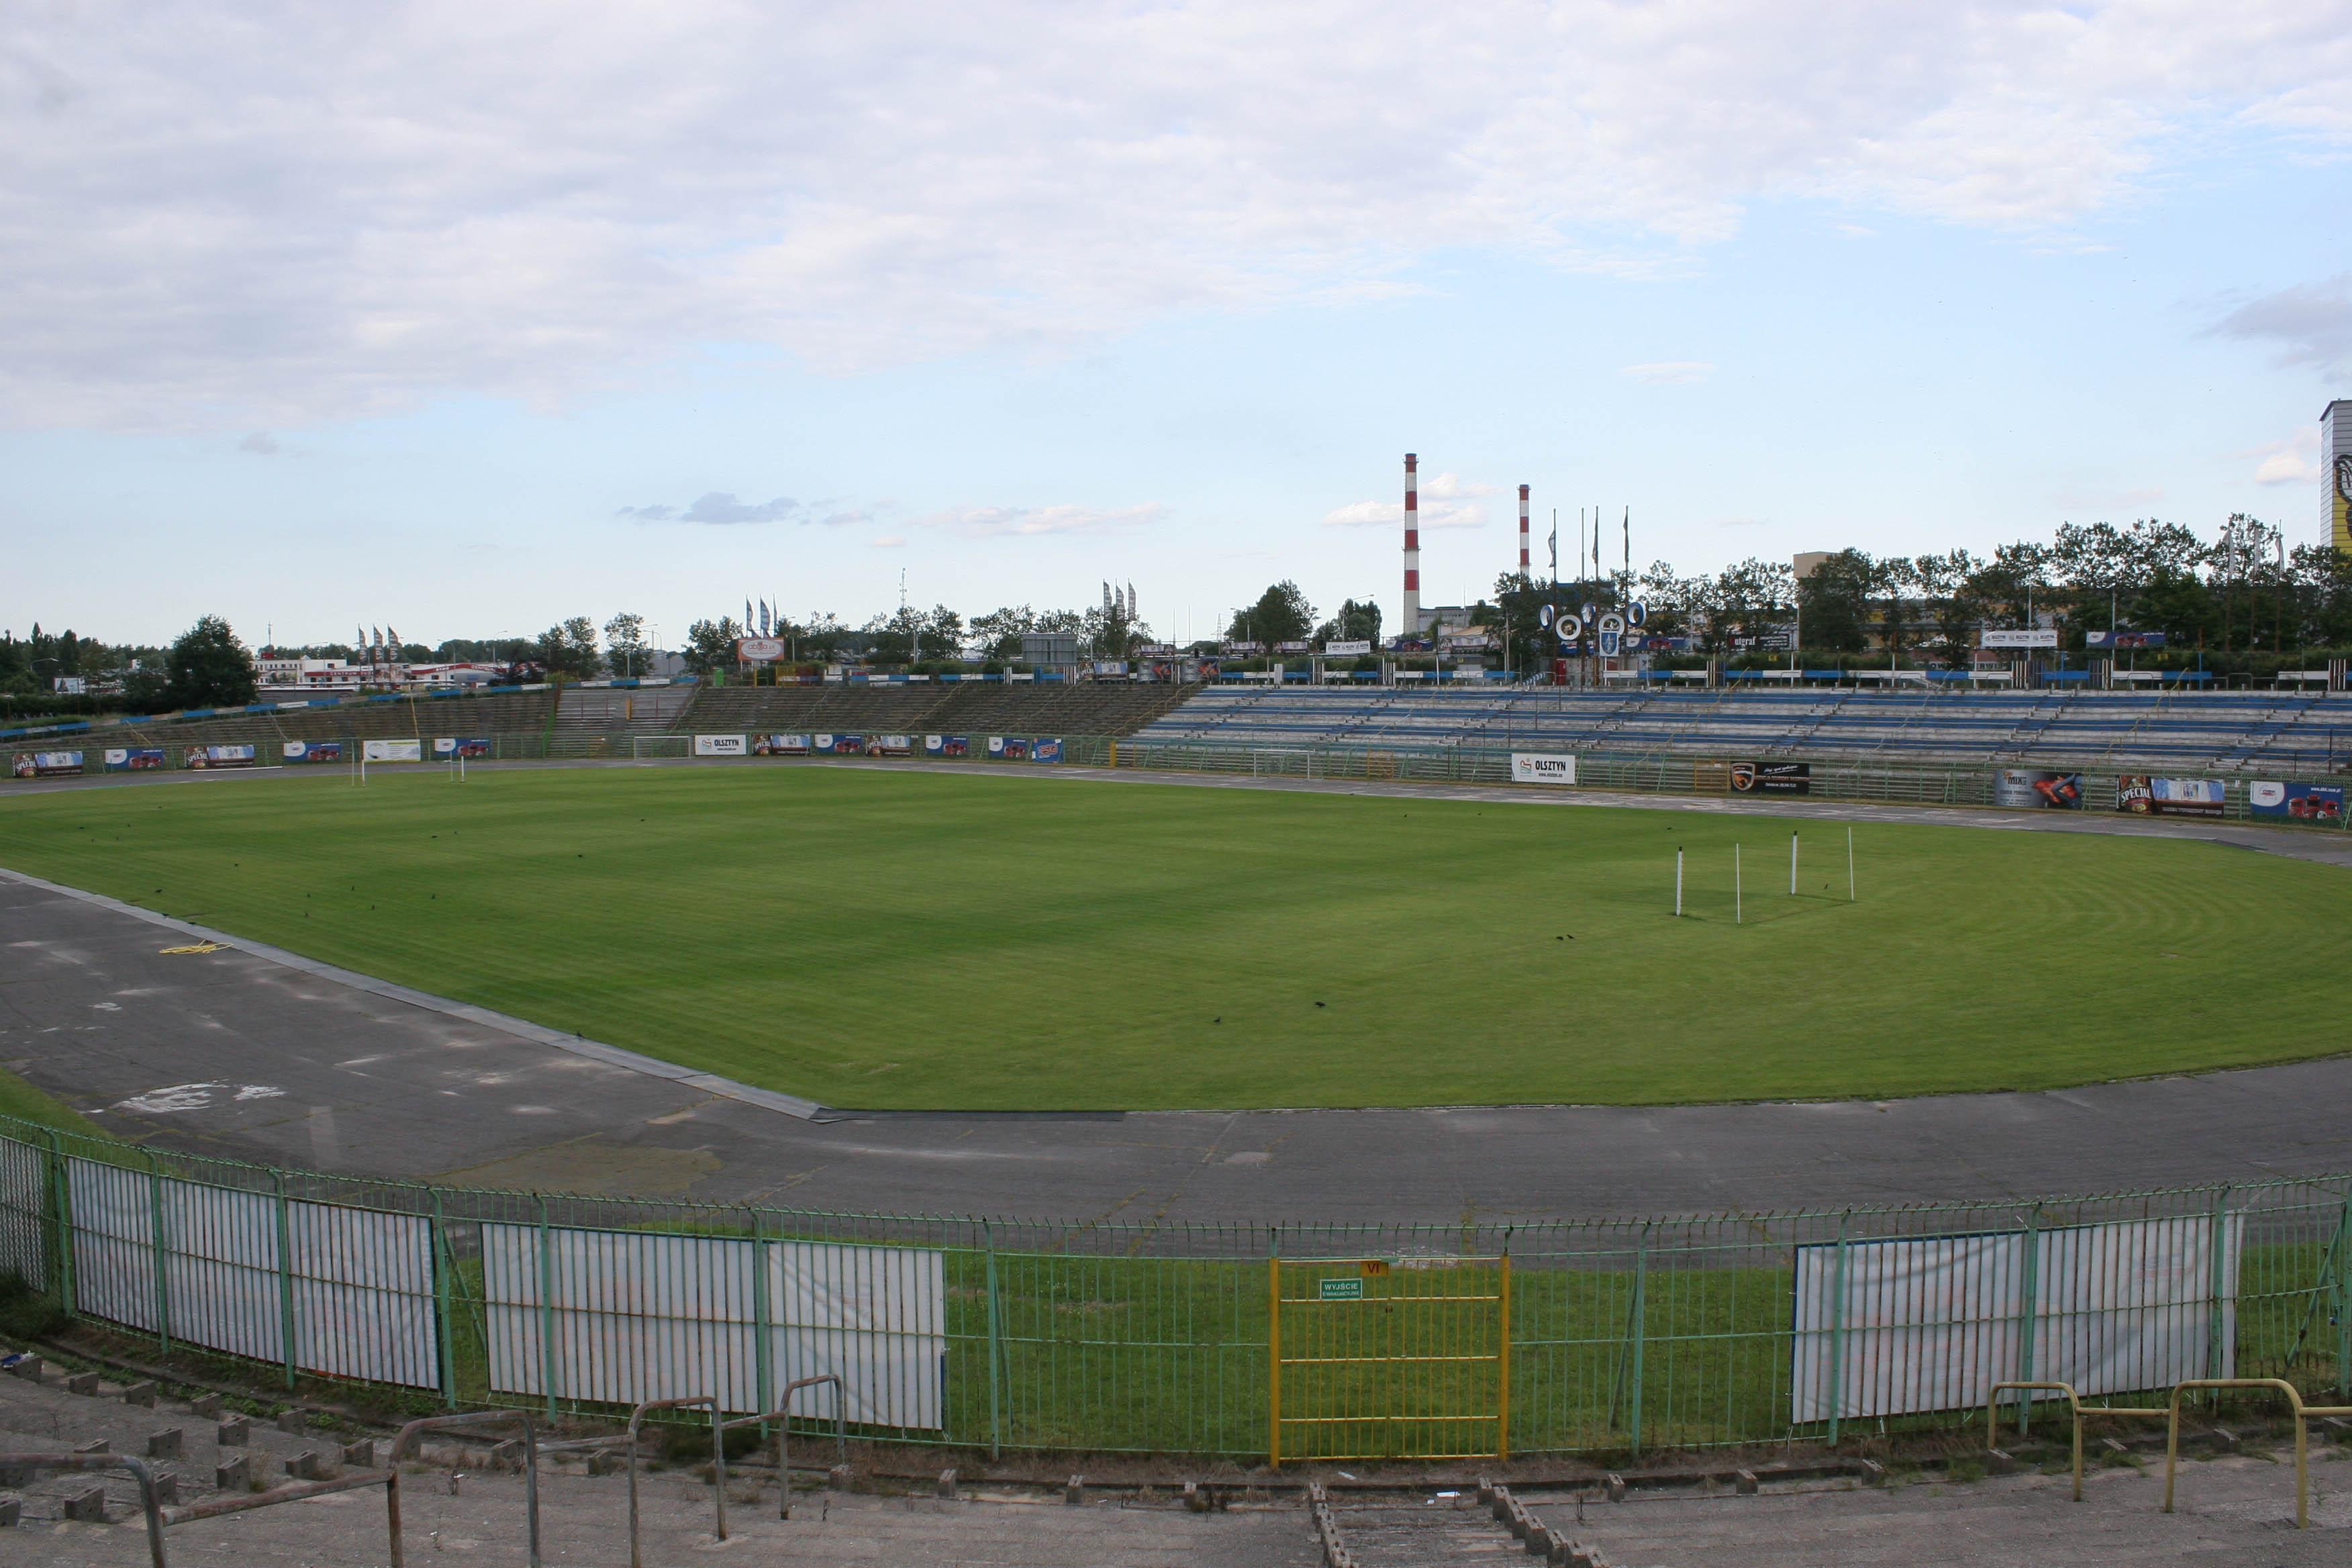 Stadion Osir W Olsztynie Wikipedia Wolna Encyklopedia